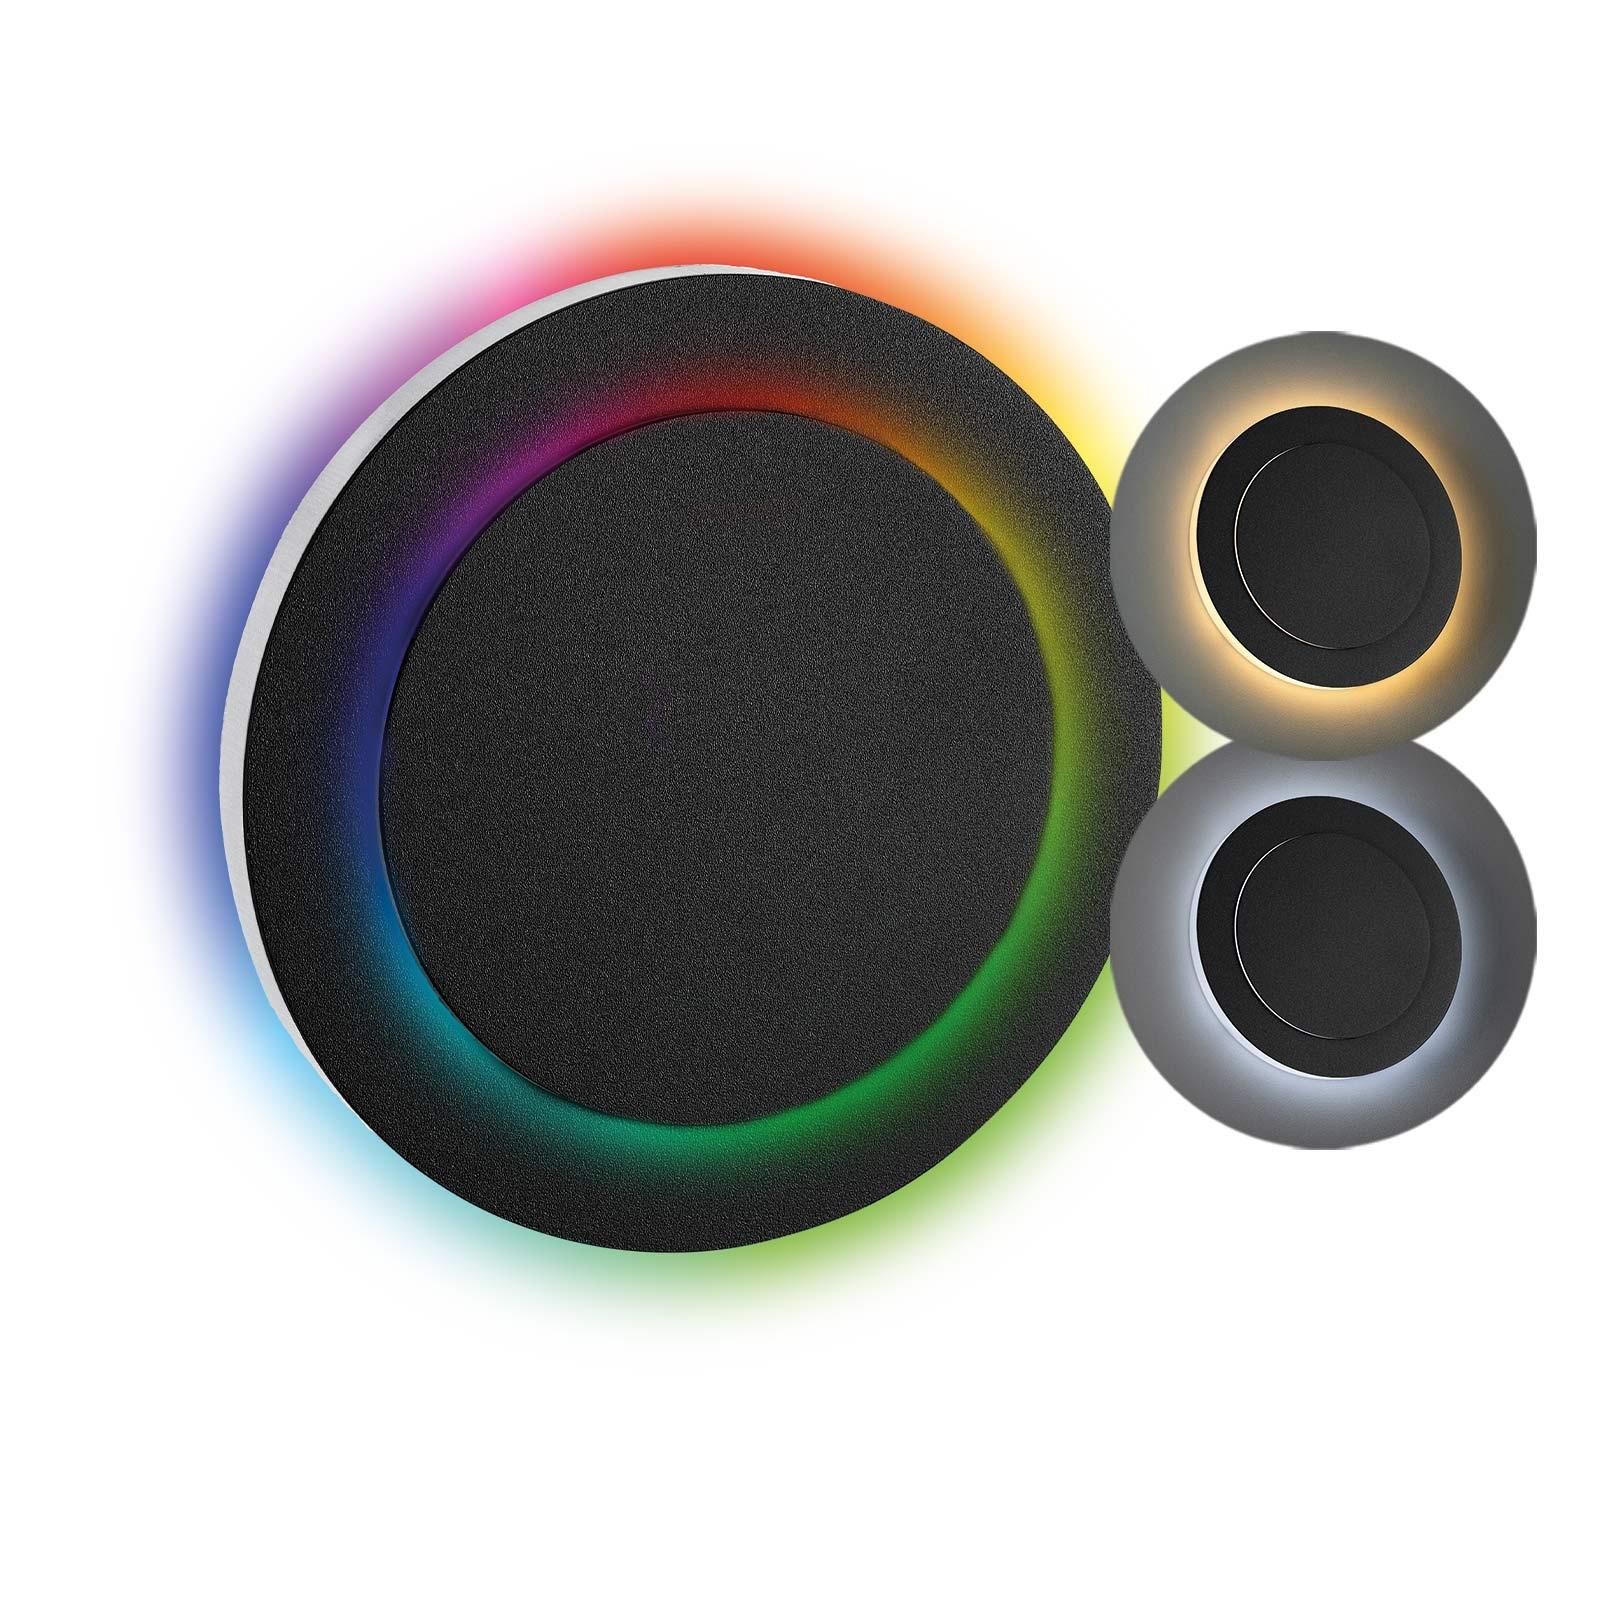 LED Stufenbeleuchtung Oberteil rund, anthrazit | Seitlicher Lichtaustritt doppelt